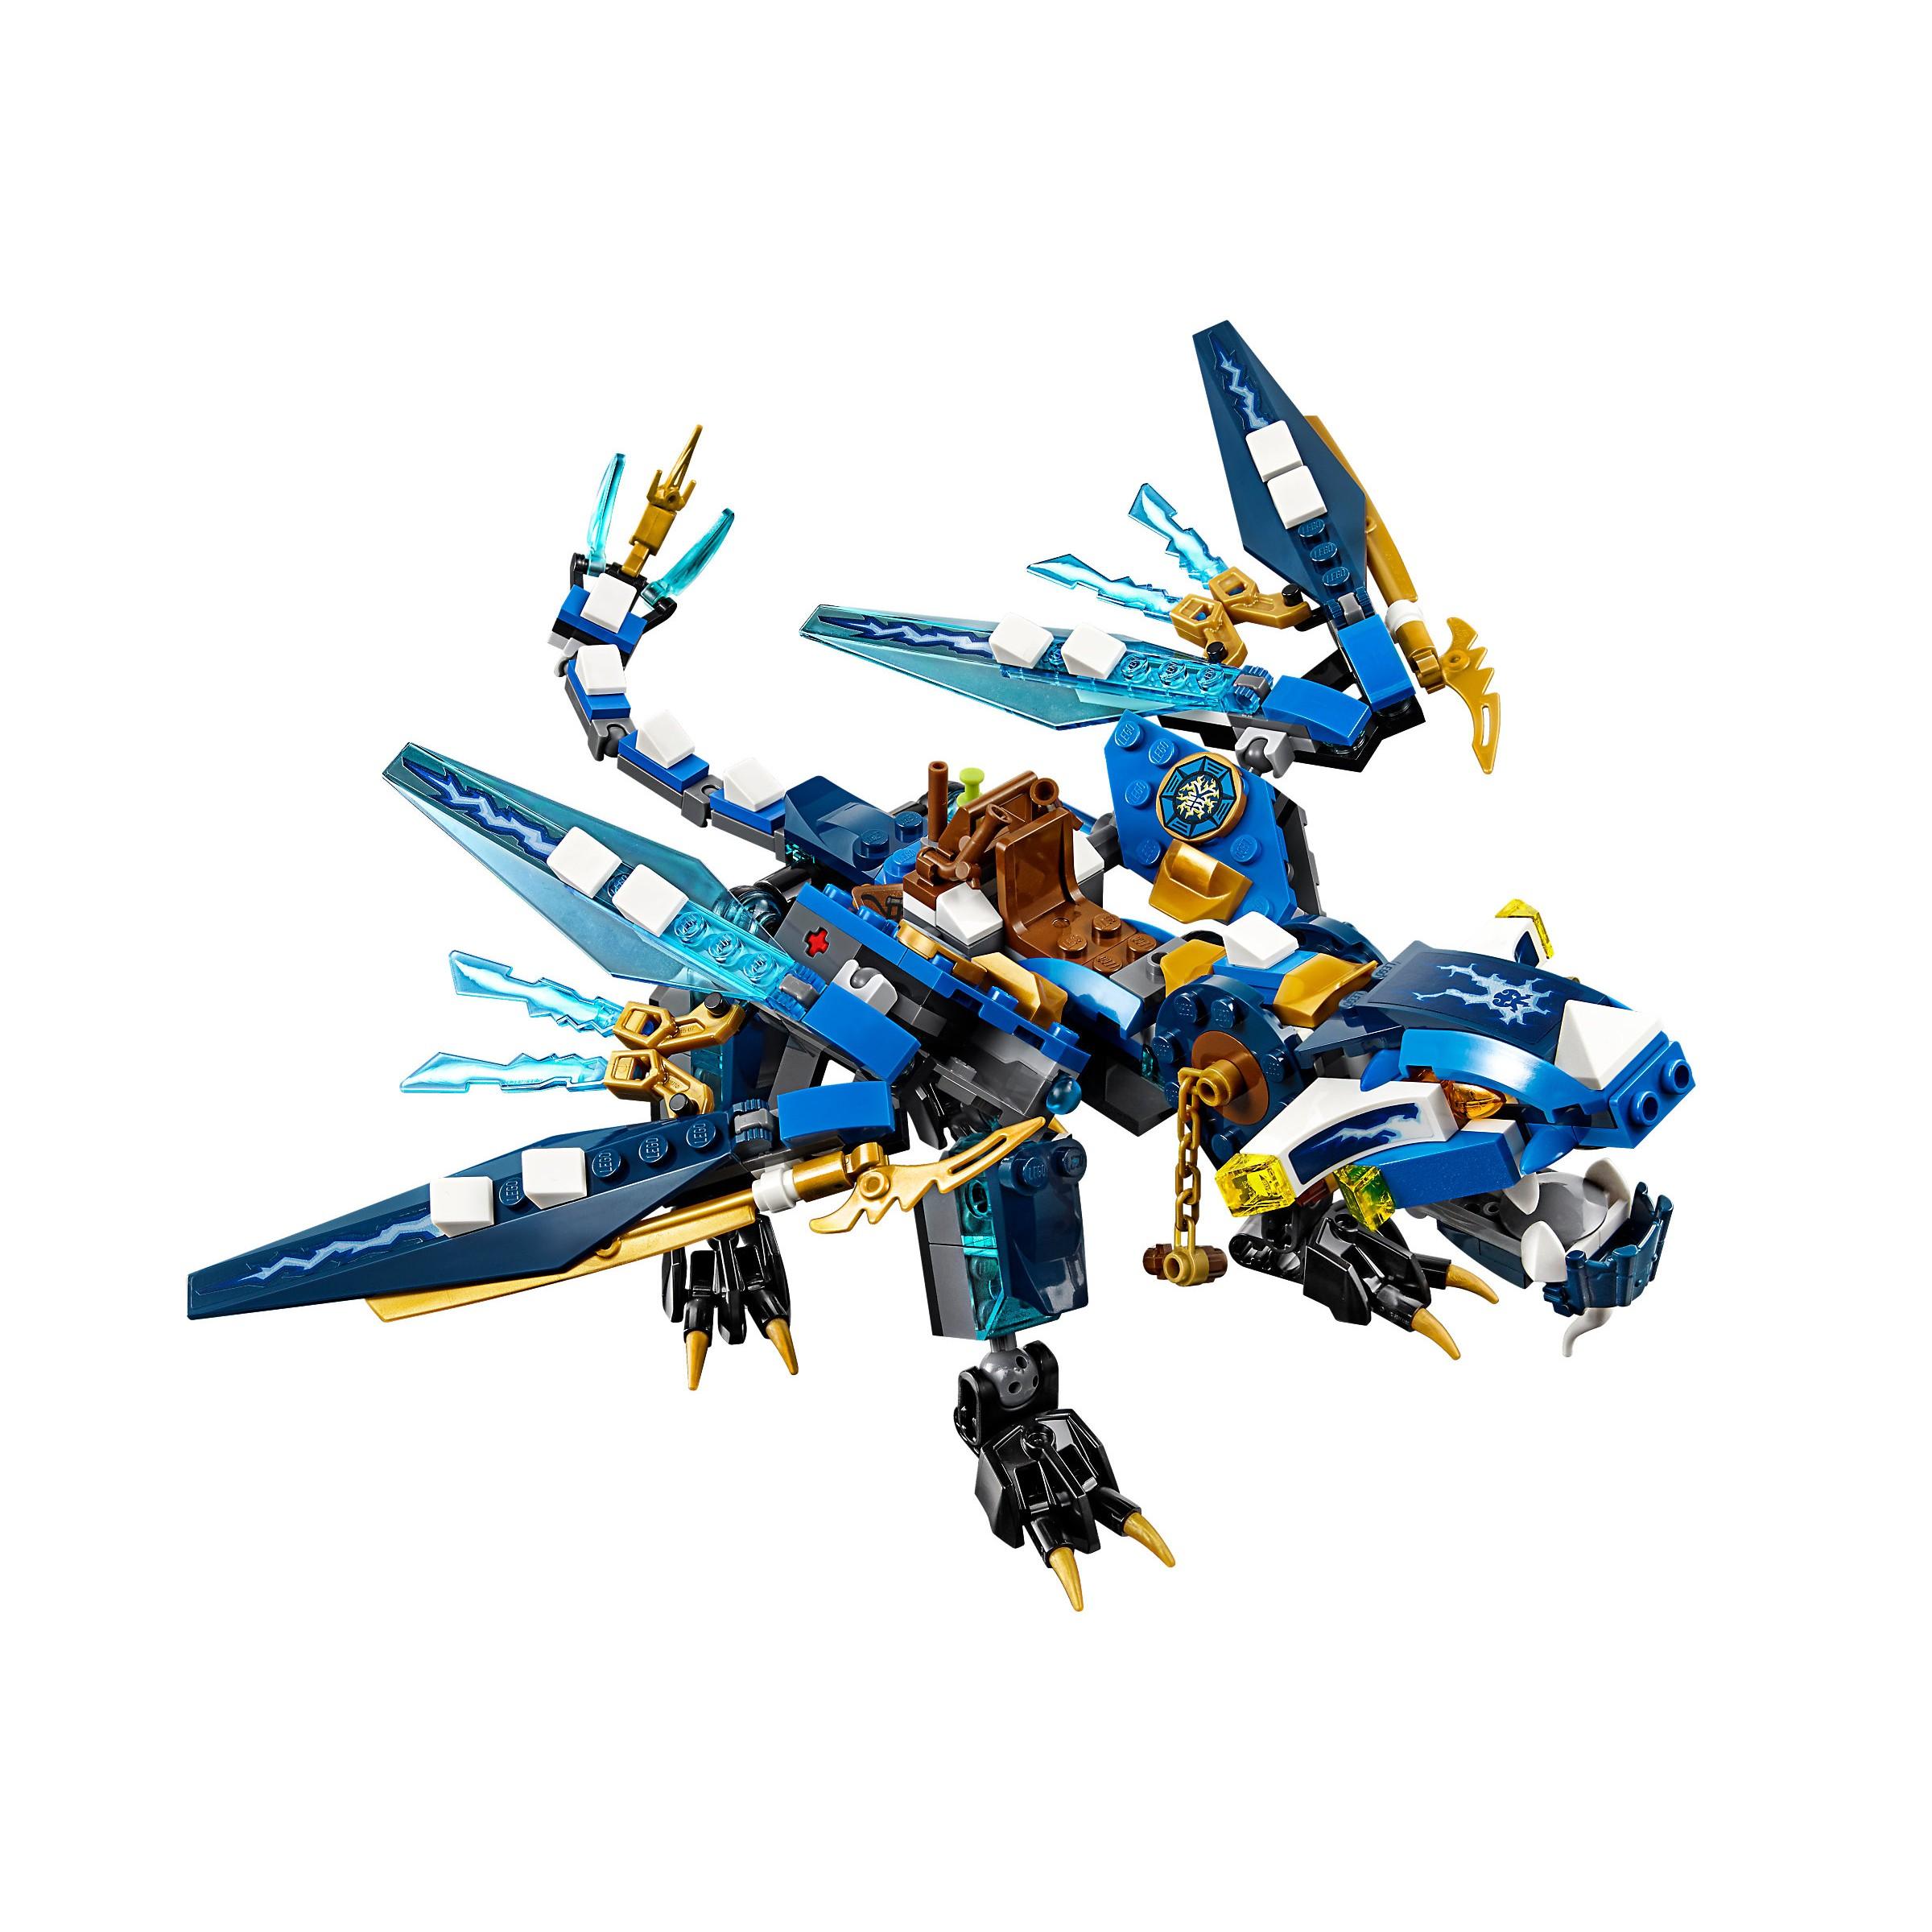 Lego Ninjago Toys : Lego ninjago jay s elemental dragon at hobby warehouse